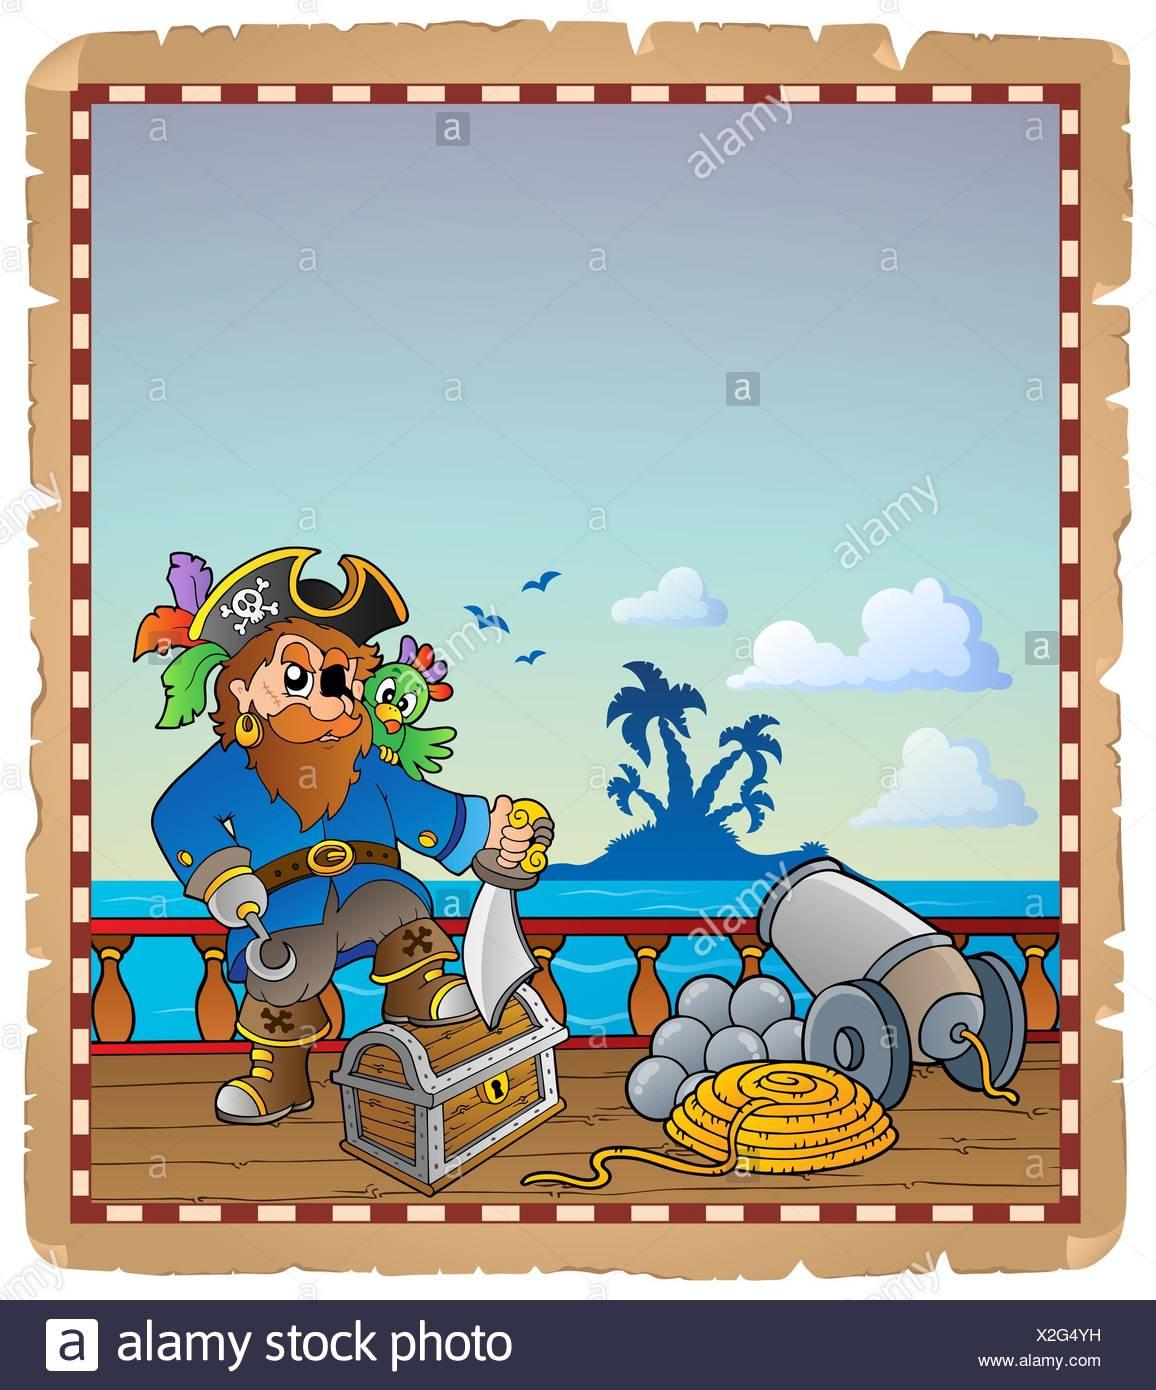 Pergament mit Piraten Schiffsdeck 1 - Bild-Darstellung. Stockbild